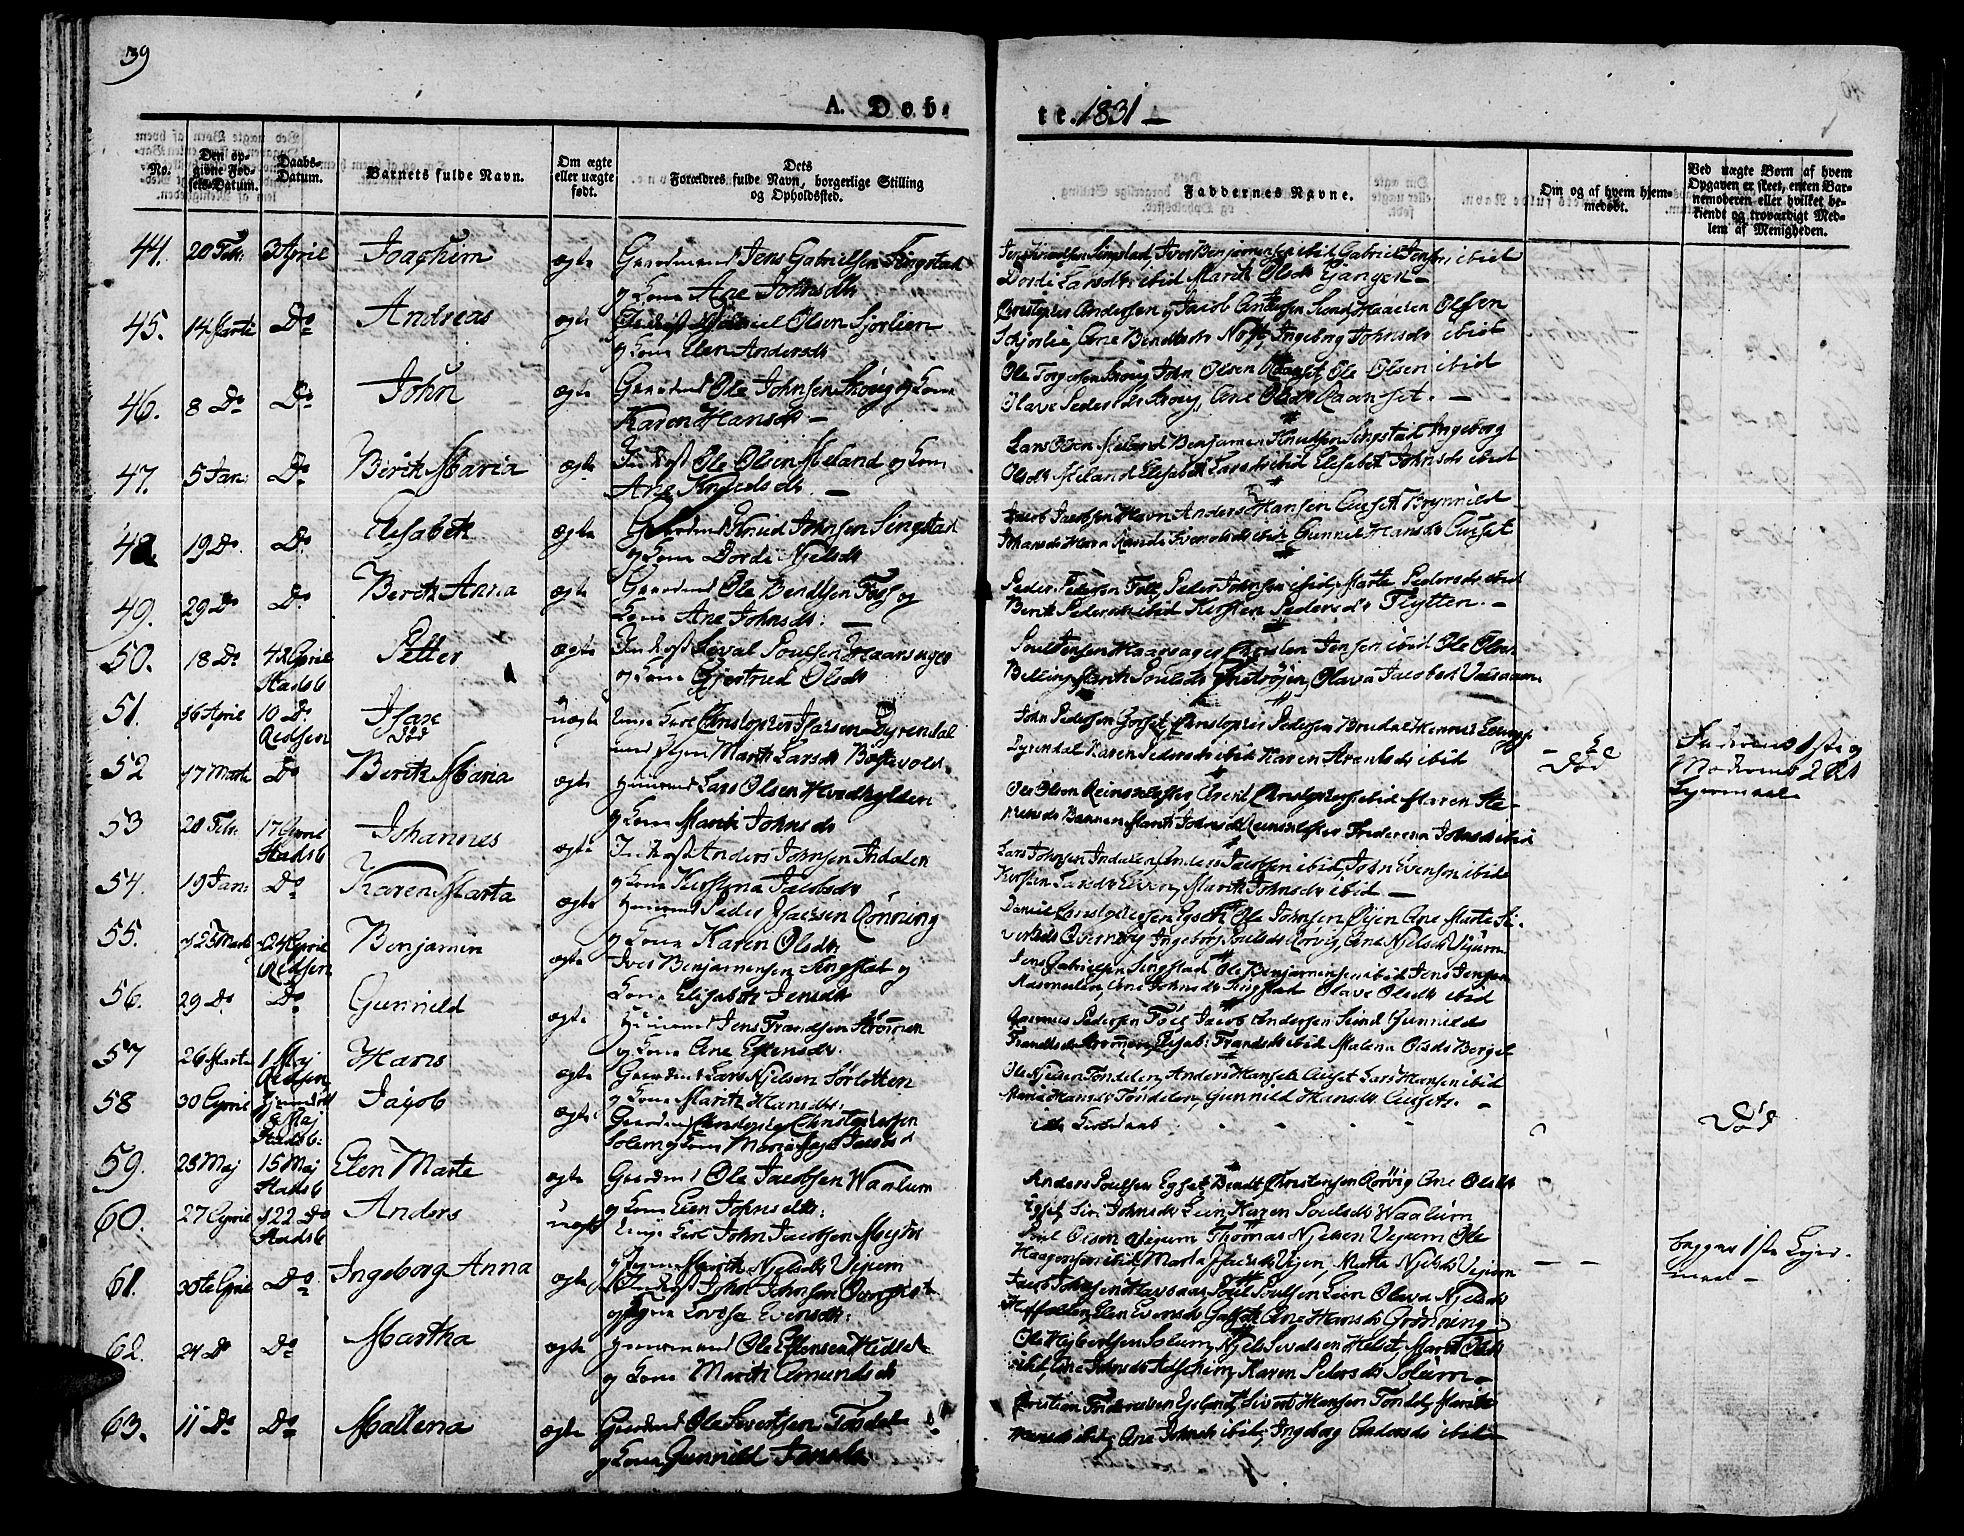 SAT, Ministerialprotokoller, klokkerbøker og fødselsregistre - Sør-Trøndelag, 646/L0609: Ministerialbok nr. 646A07, 1826-1838, s. 39